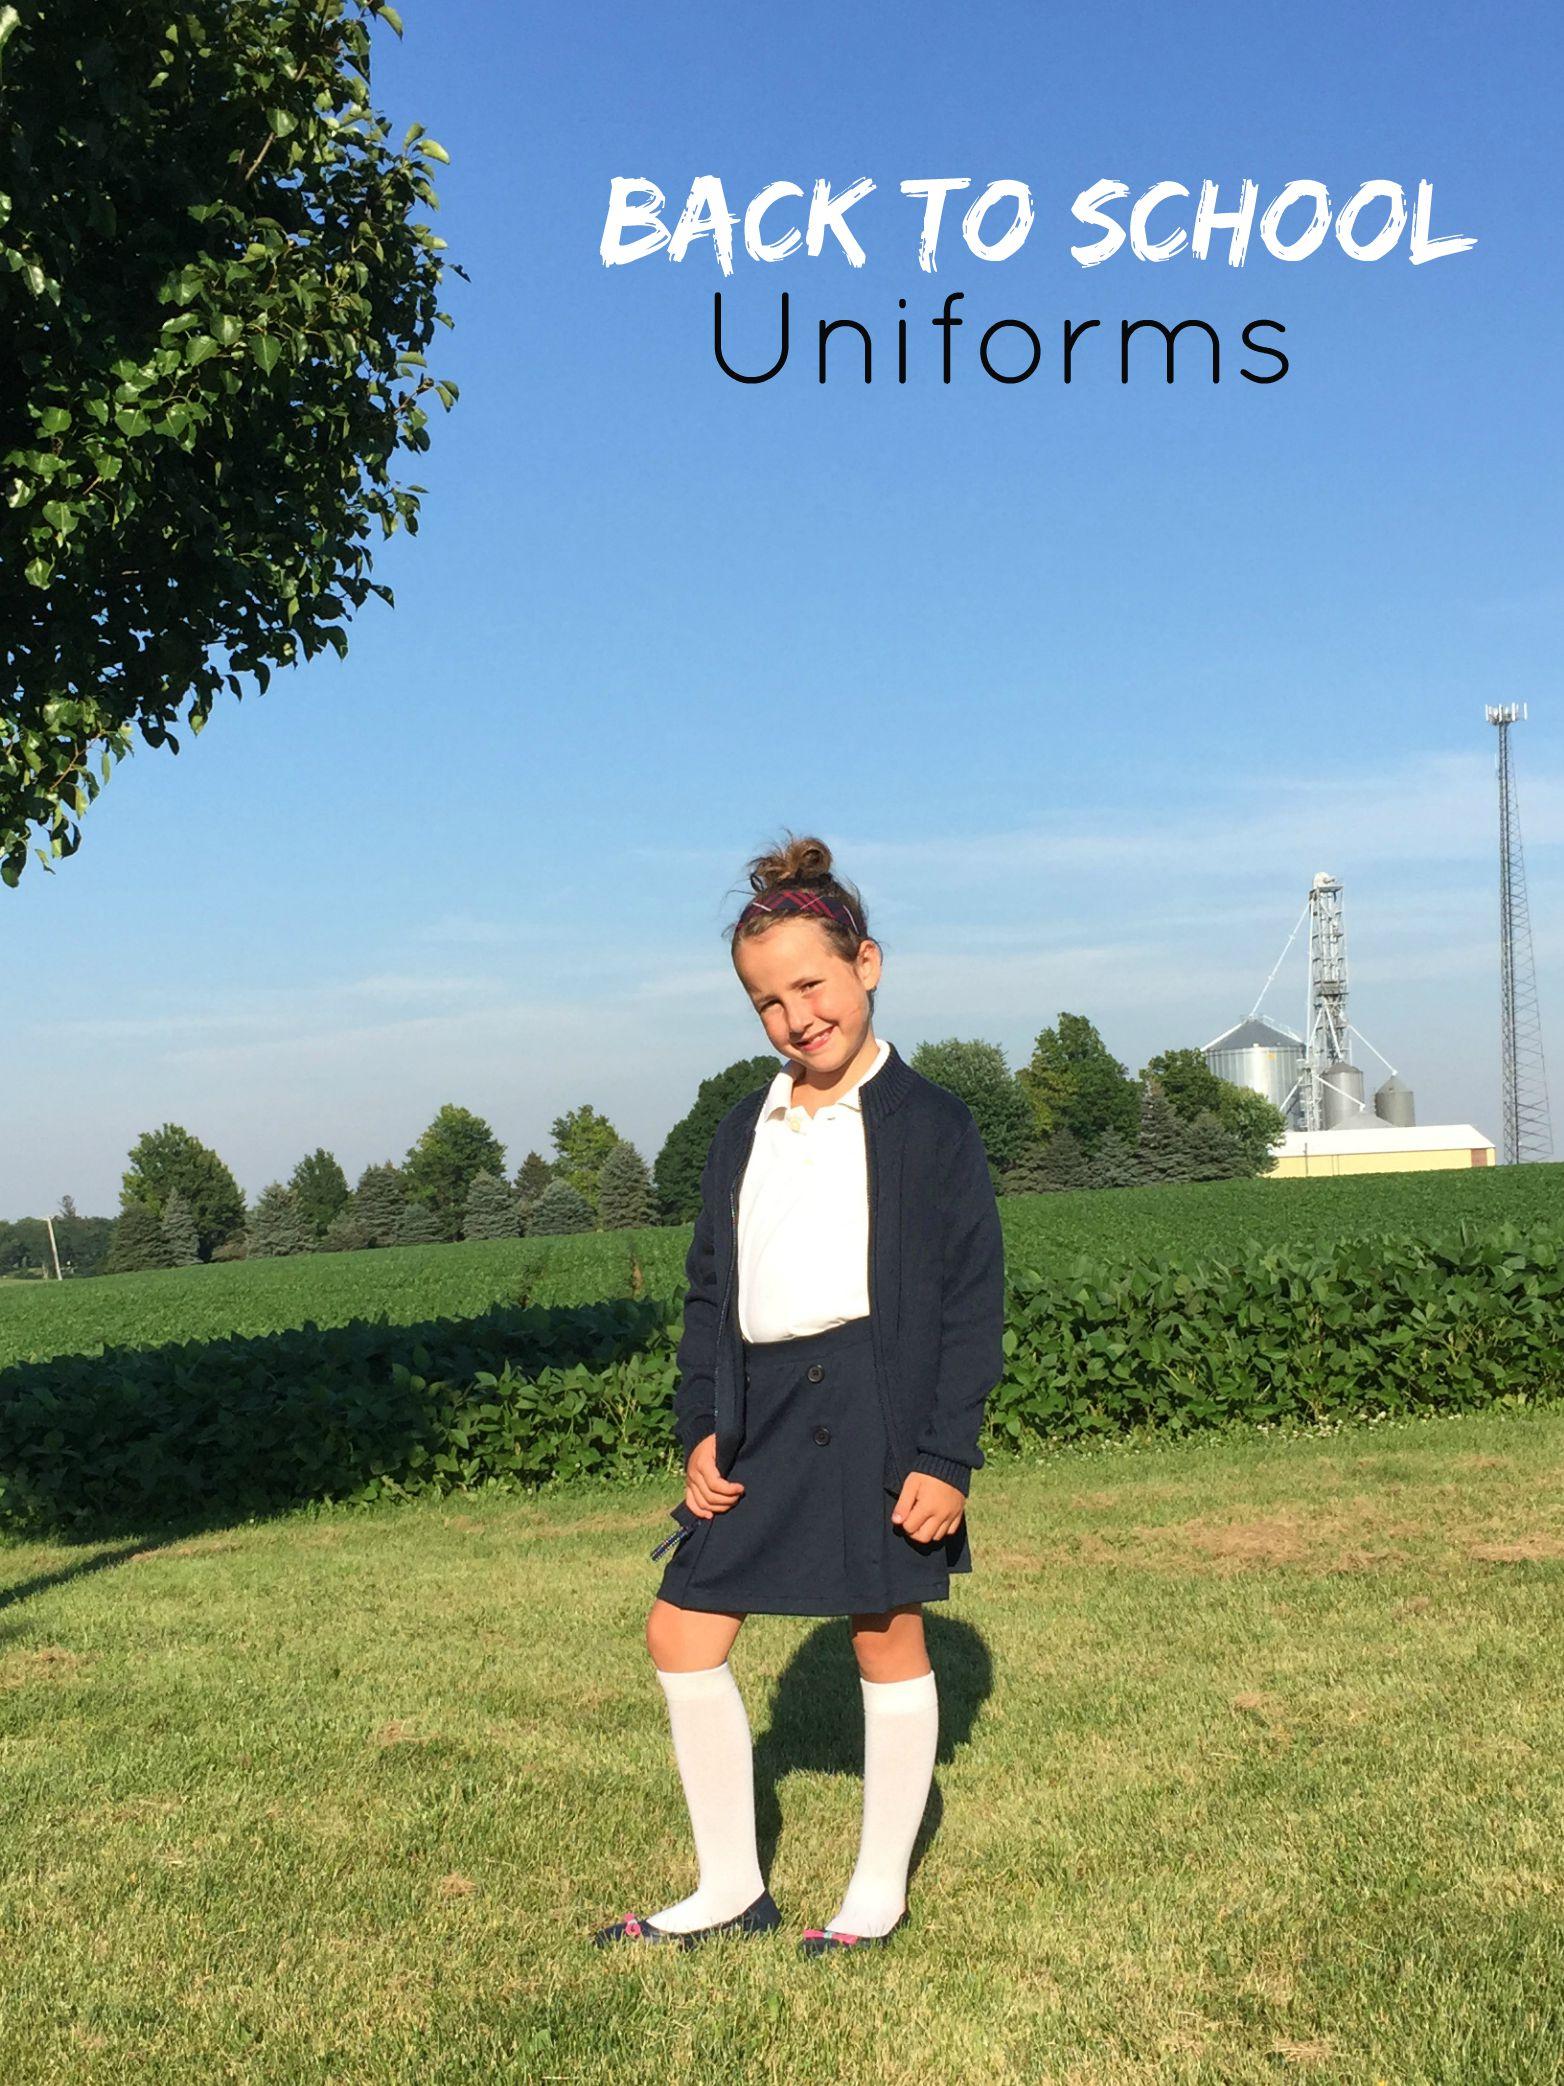 Lands End Uniforms